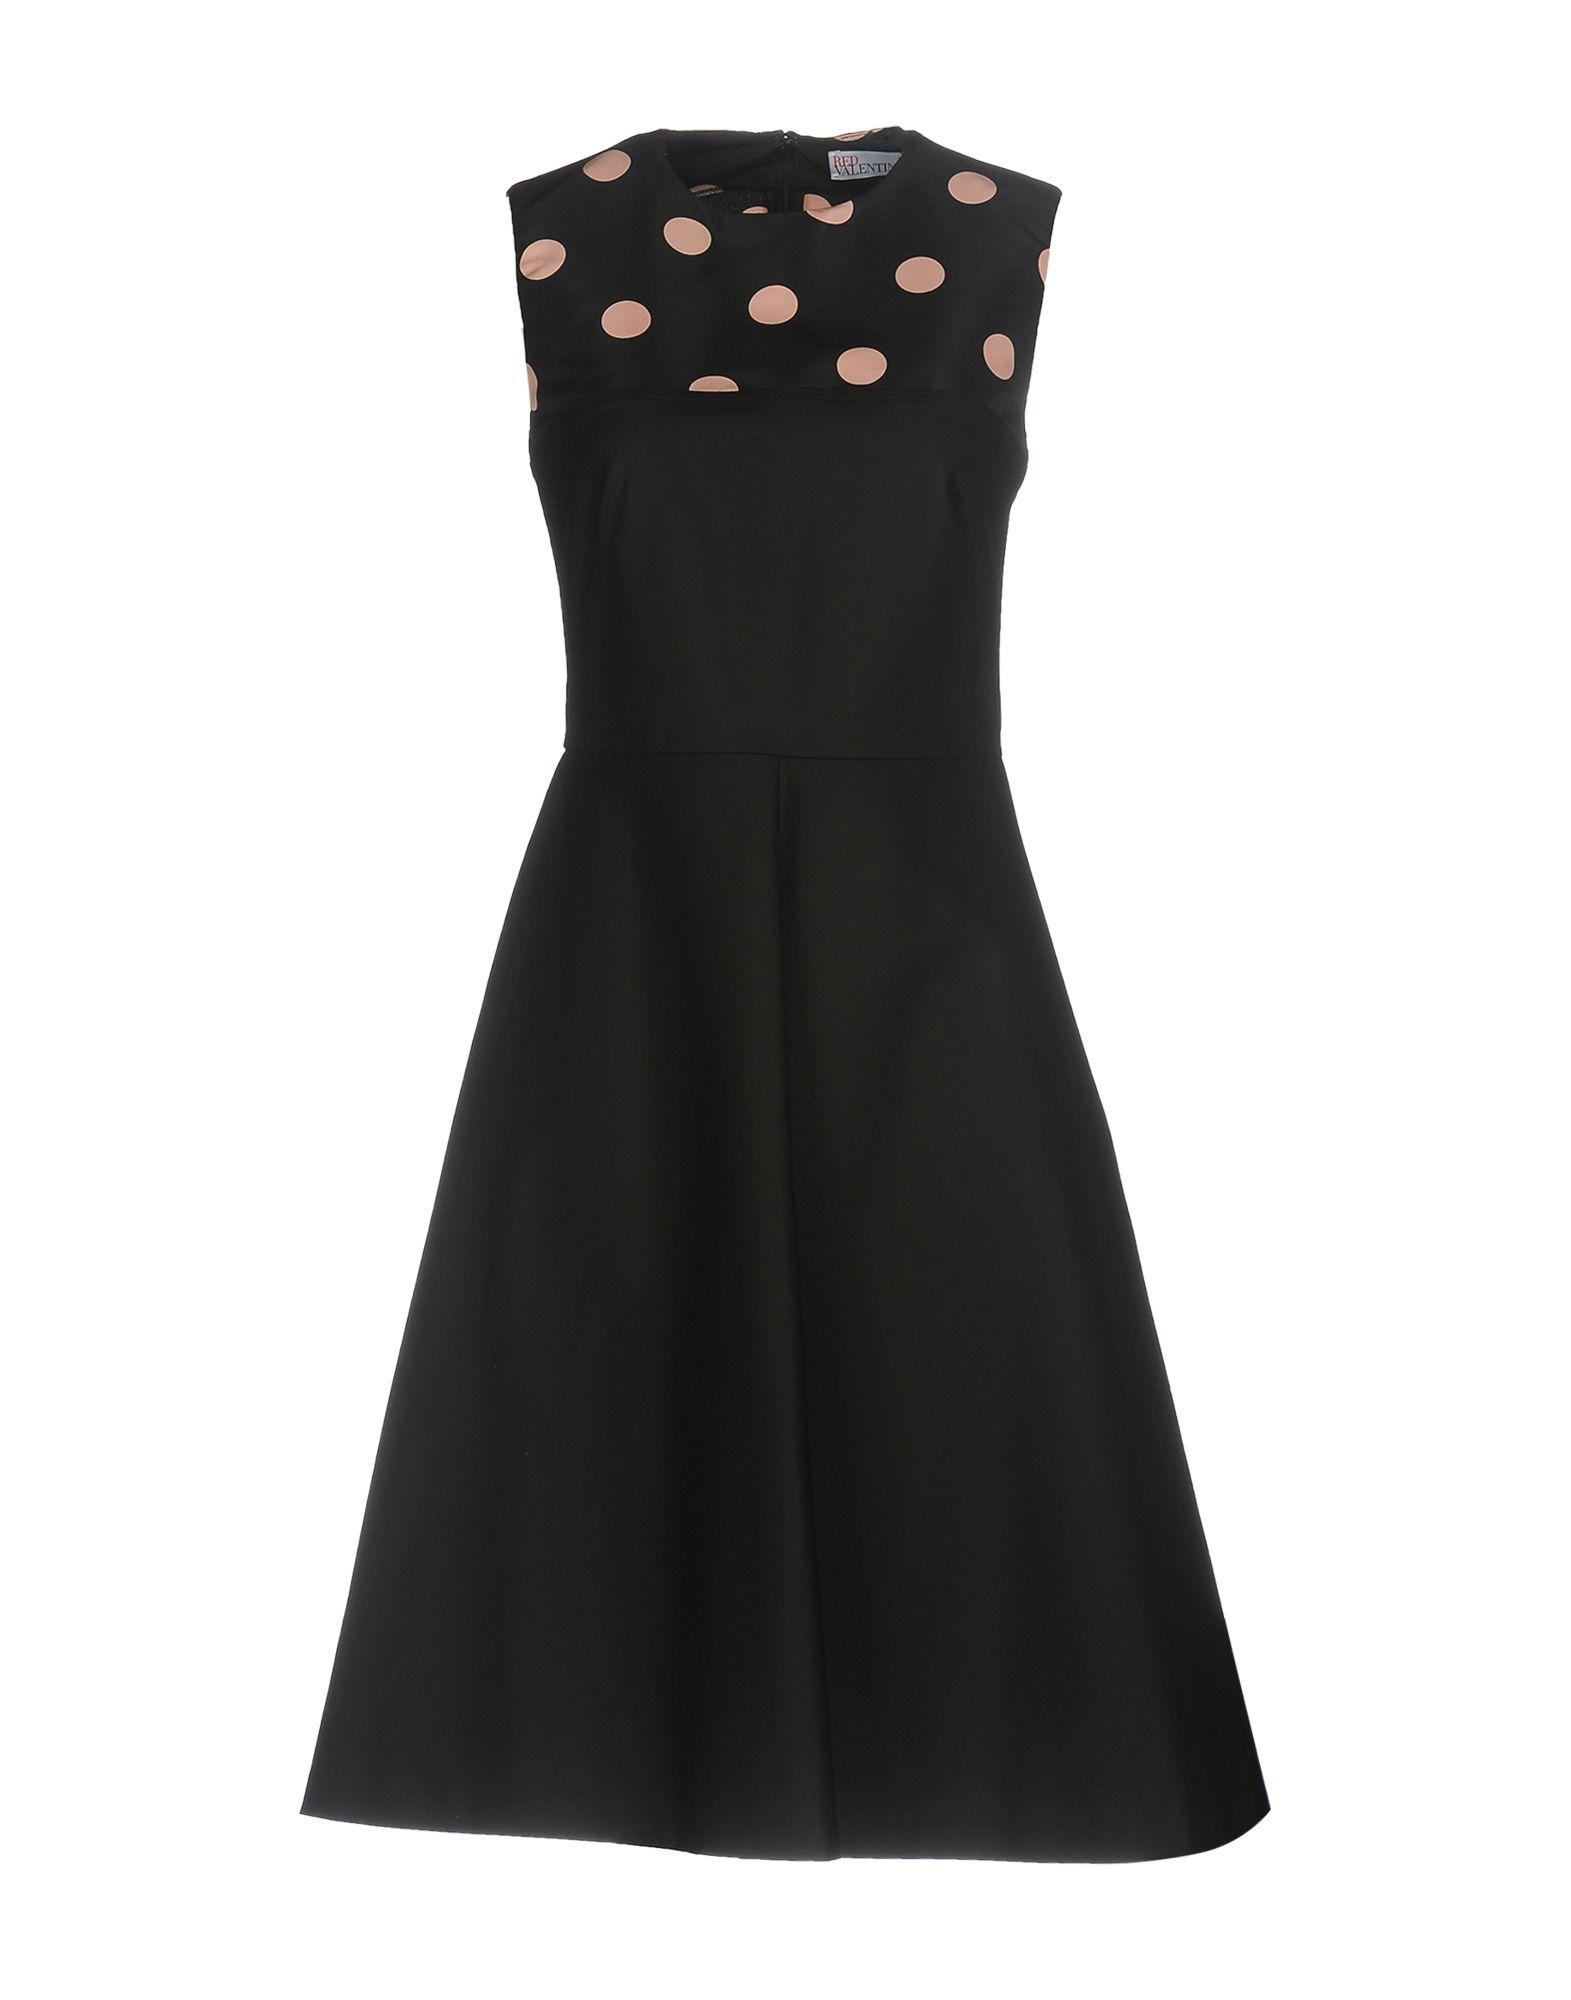 REDValentino Платье до колена купить ваз 21099 в уфе цена до 25000